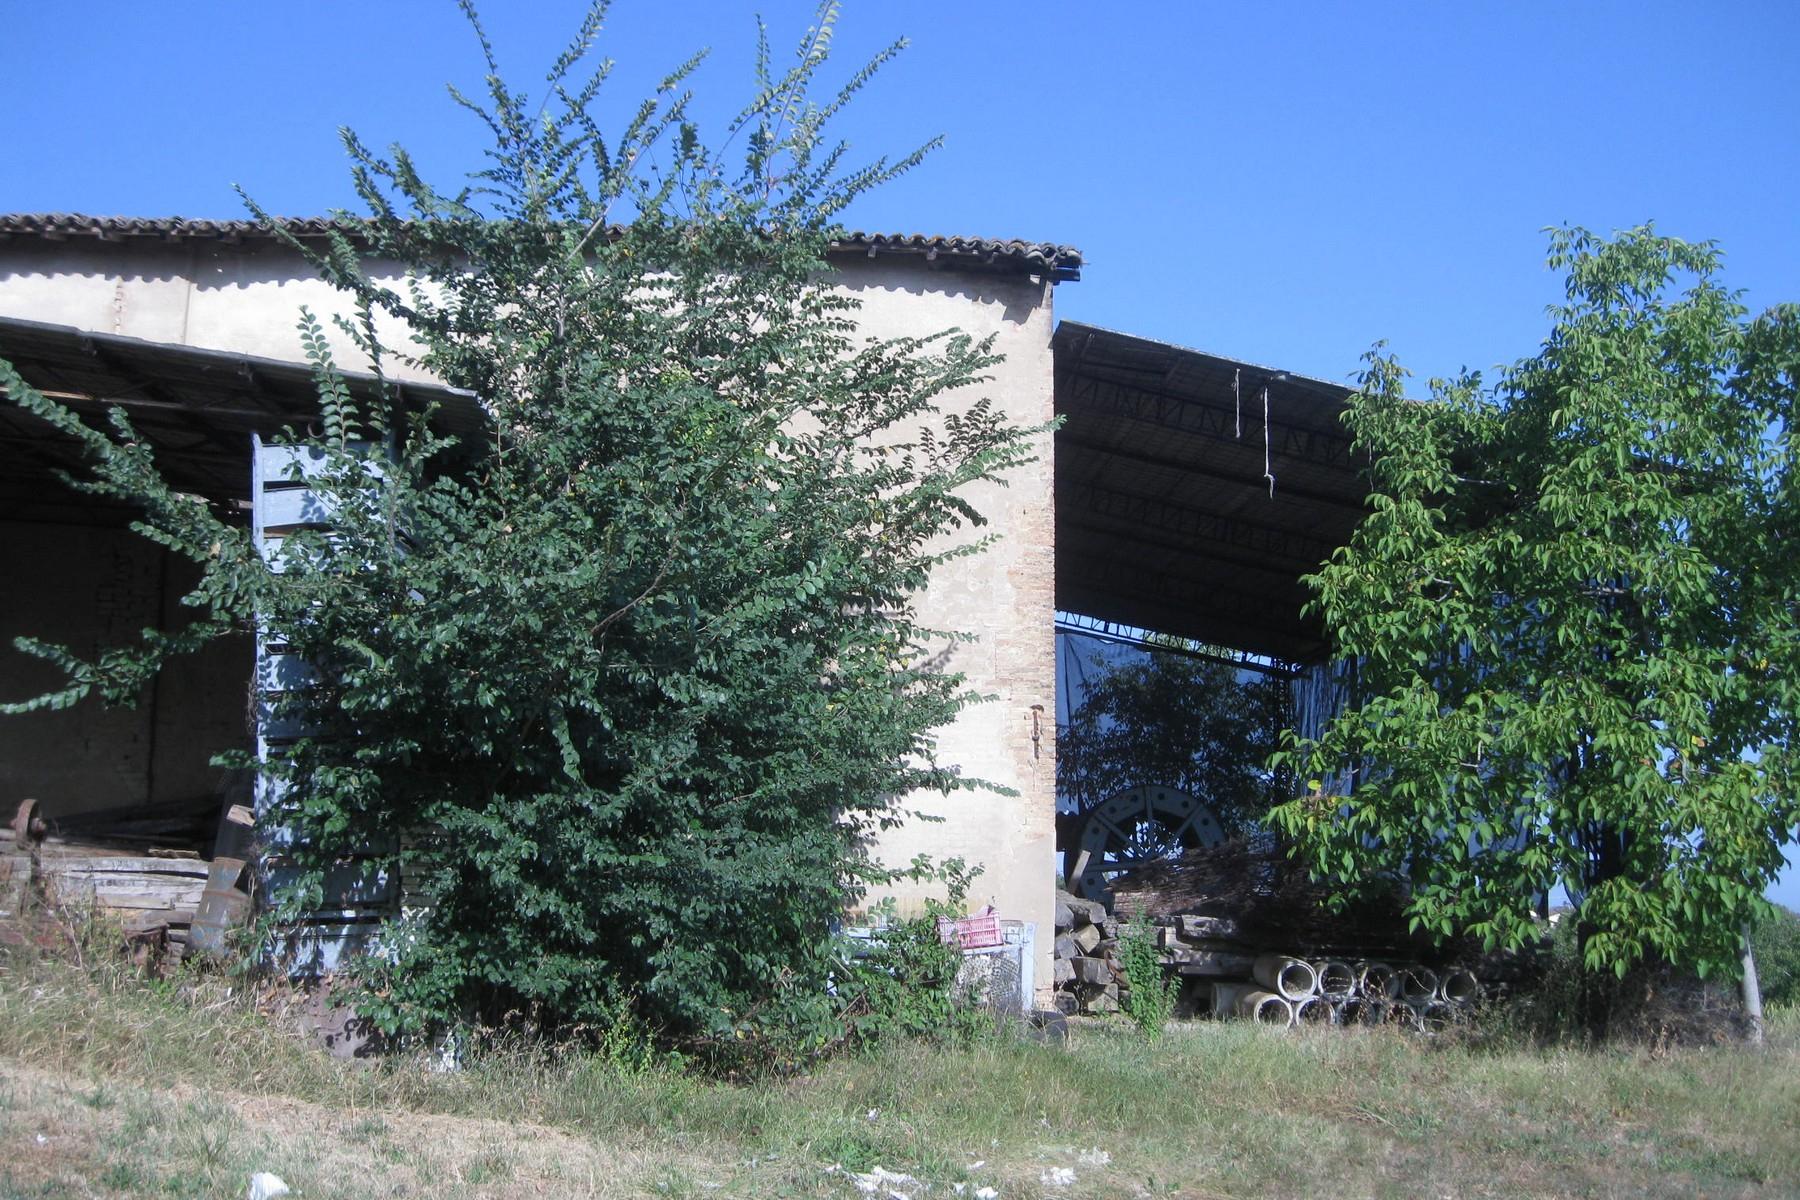 Rustico in Vendita a Castelvetro Di Modena: 5 locali, 3100 mq - Foto 7